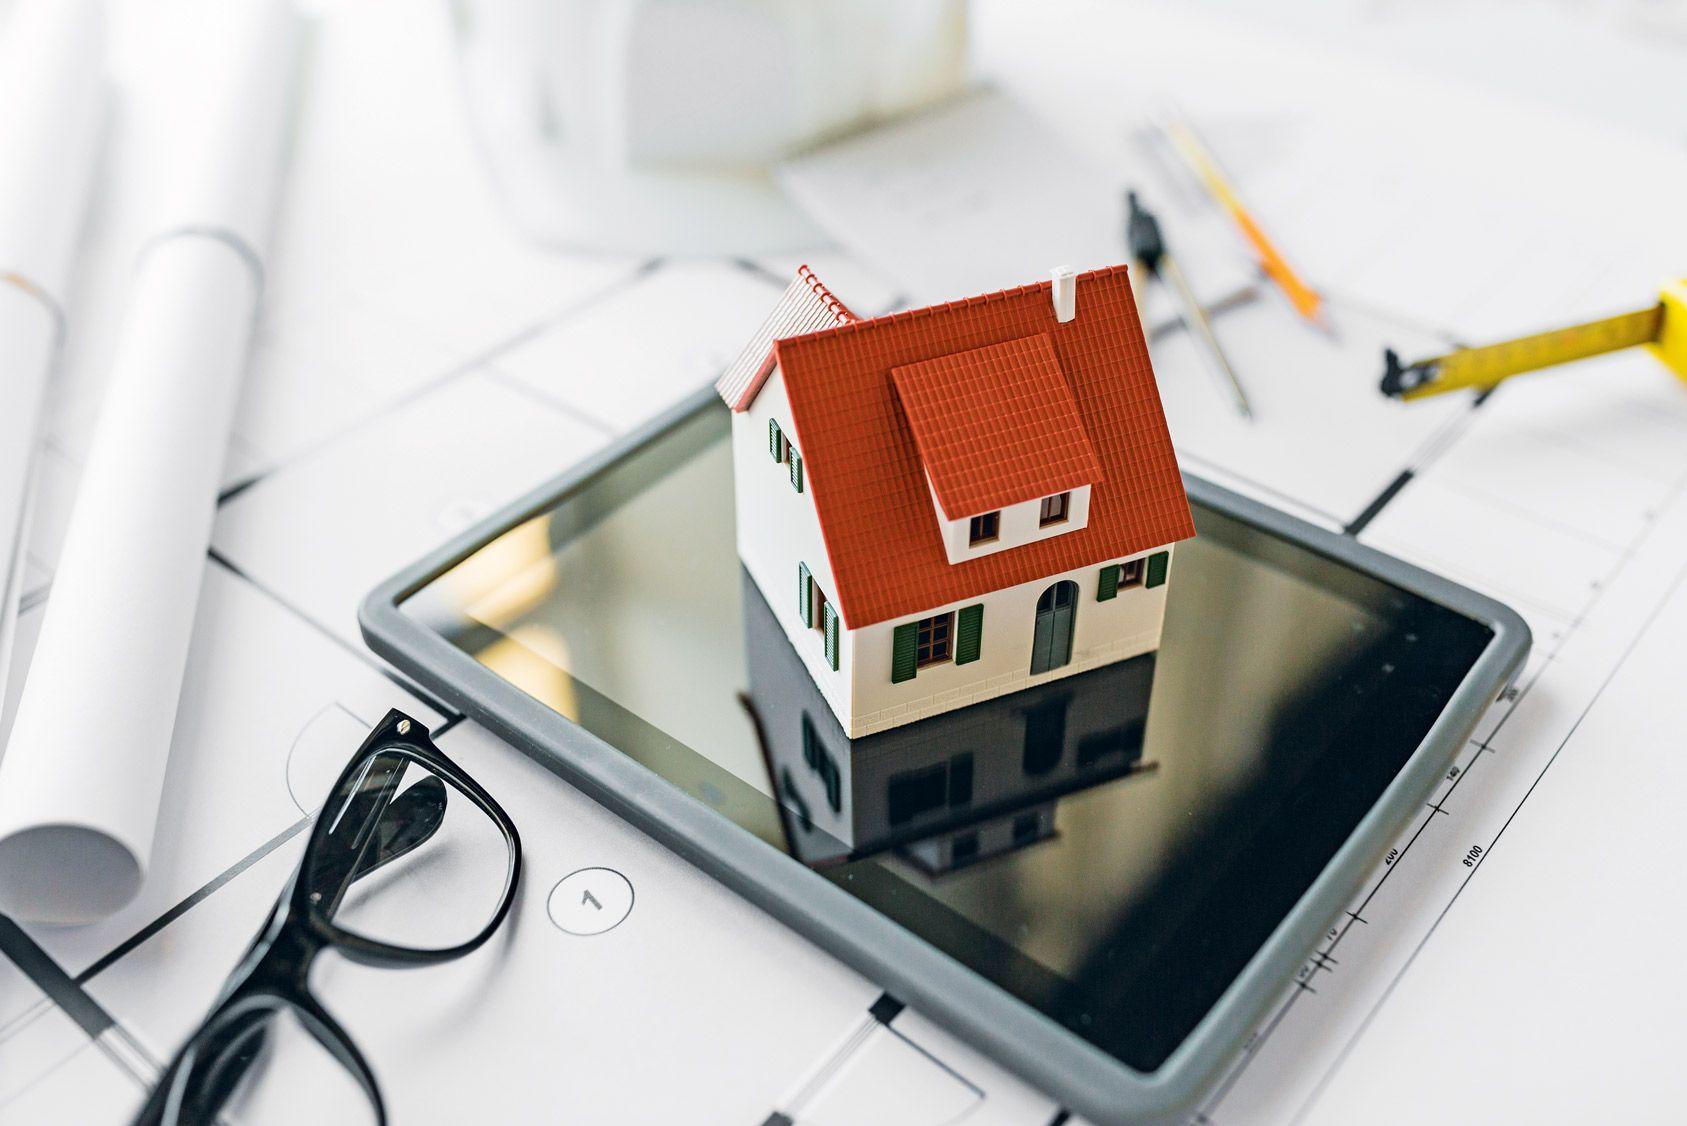 Mode d'emploi: relooker son intérieur avec Homebyme